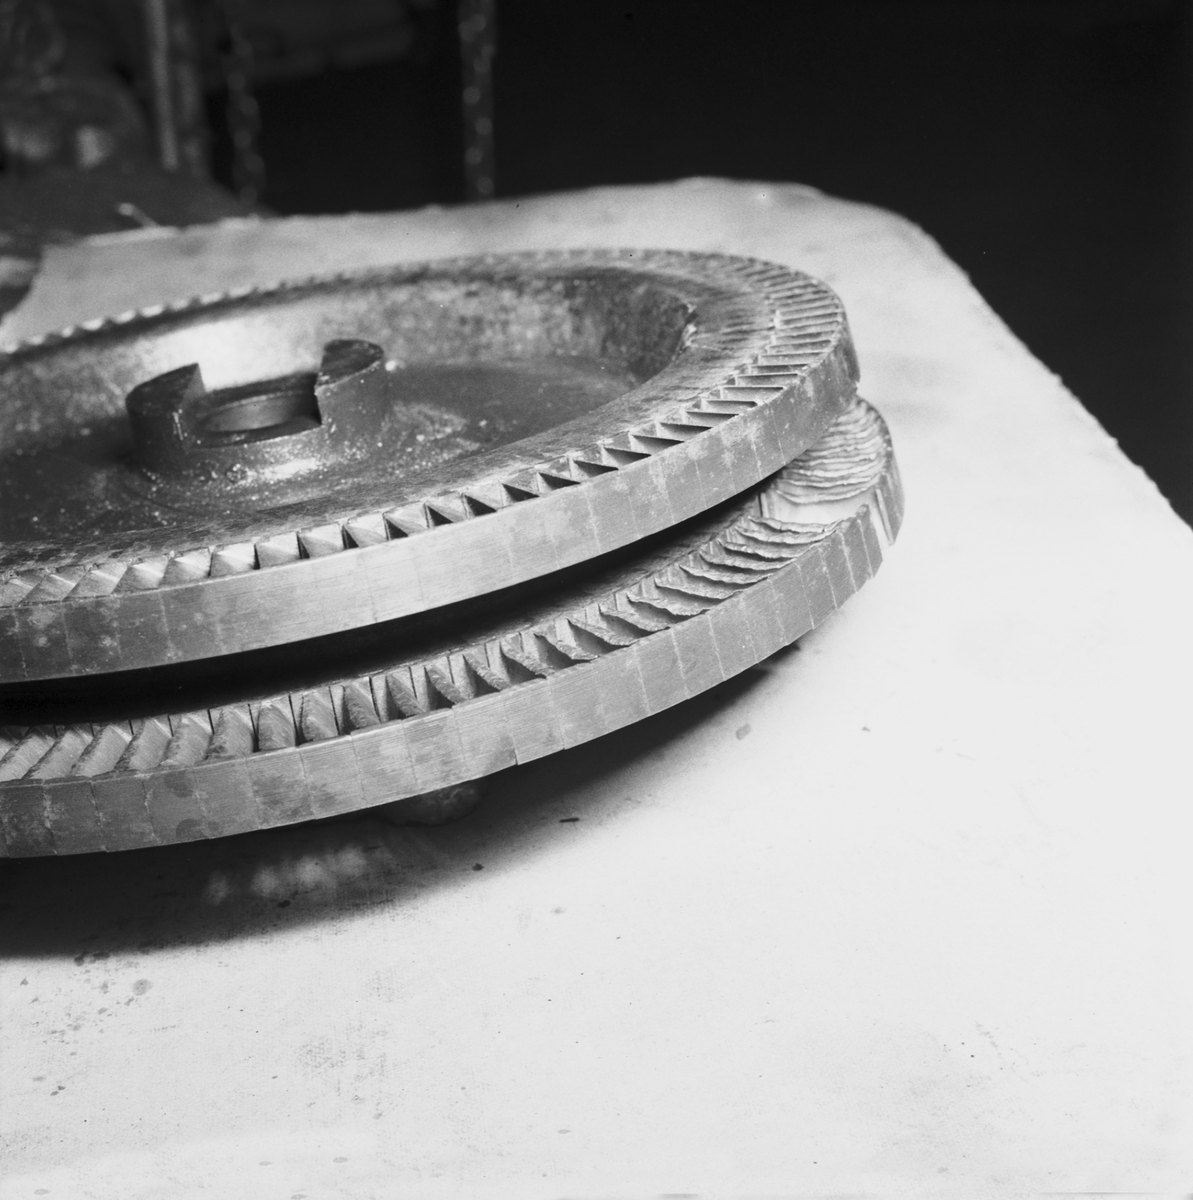 Fartyg: KARLSKRONA                     Reg. Nr.: 8, 79, F79 Rederi: Kungliga Flottan, Marinen Byggår: 1940 Varv: Örlogsvarvet, Karlskrona Övrigt: turbinhjul